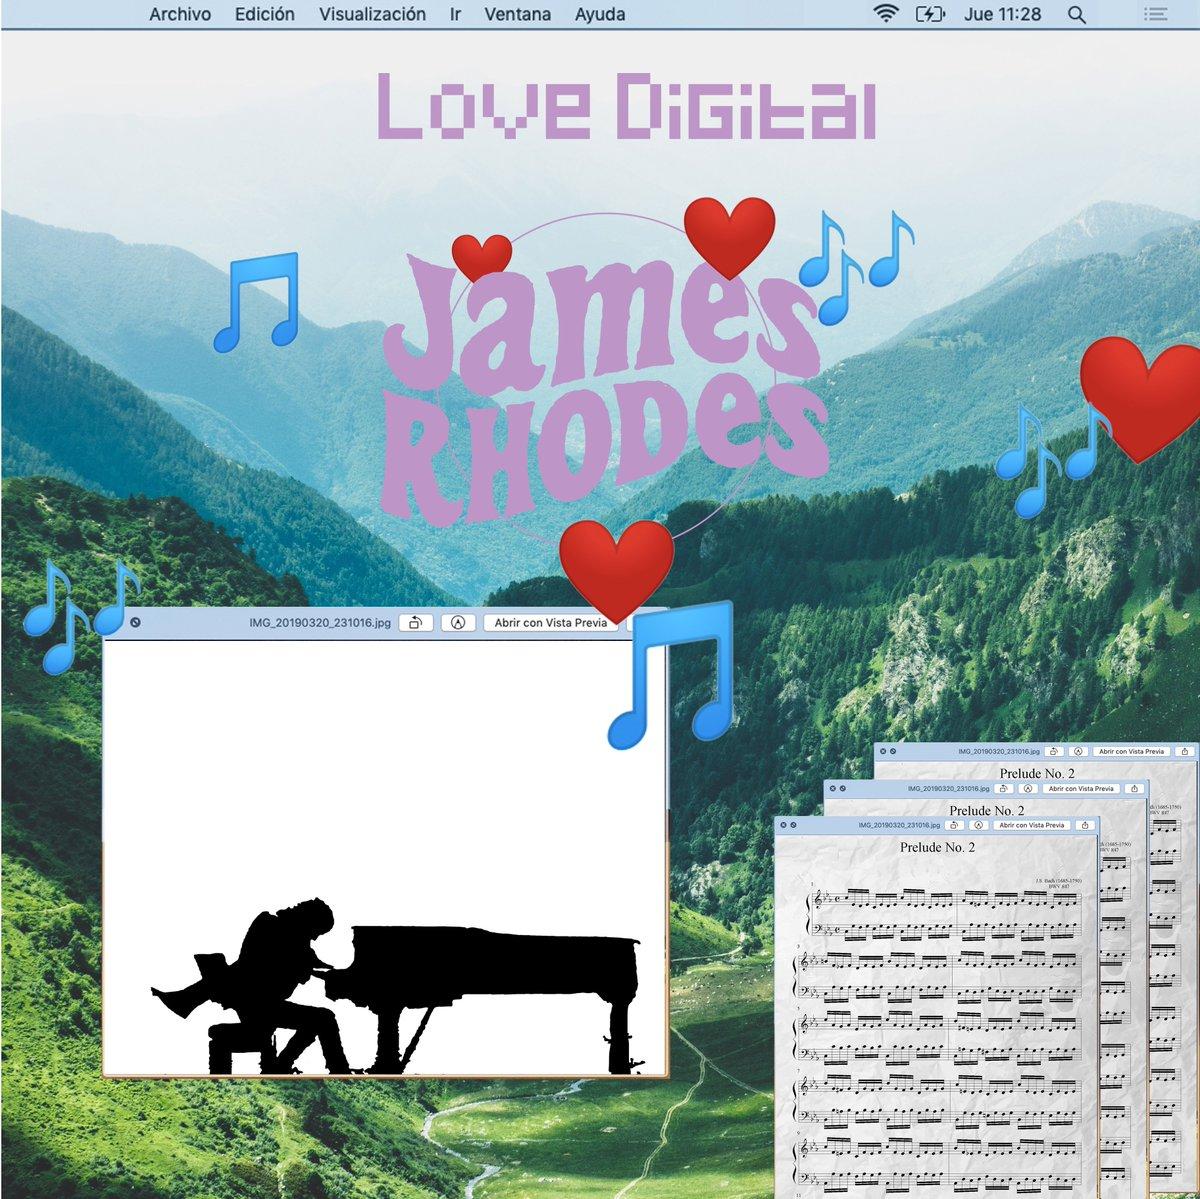 @JRhodesPianist ¡Increíble colaboración! ¿Qué tal esta portada para tu siguiente disco?